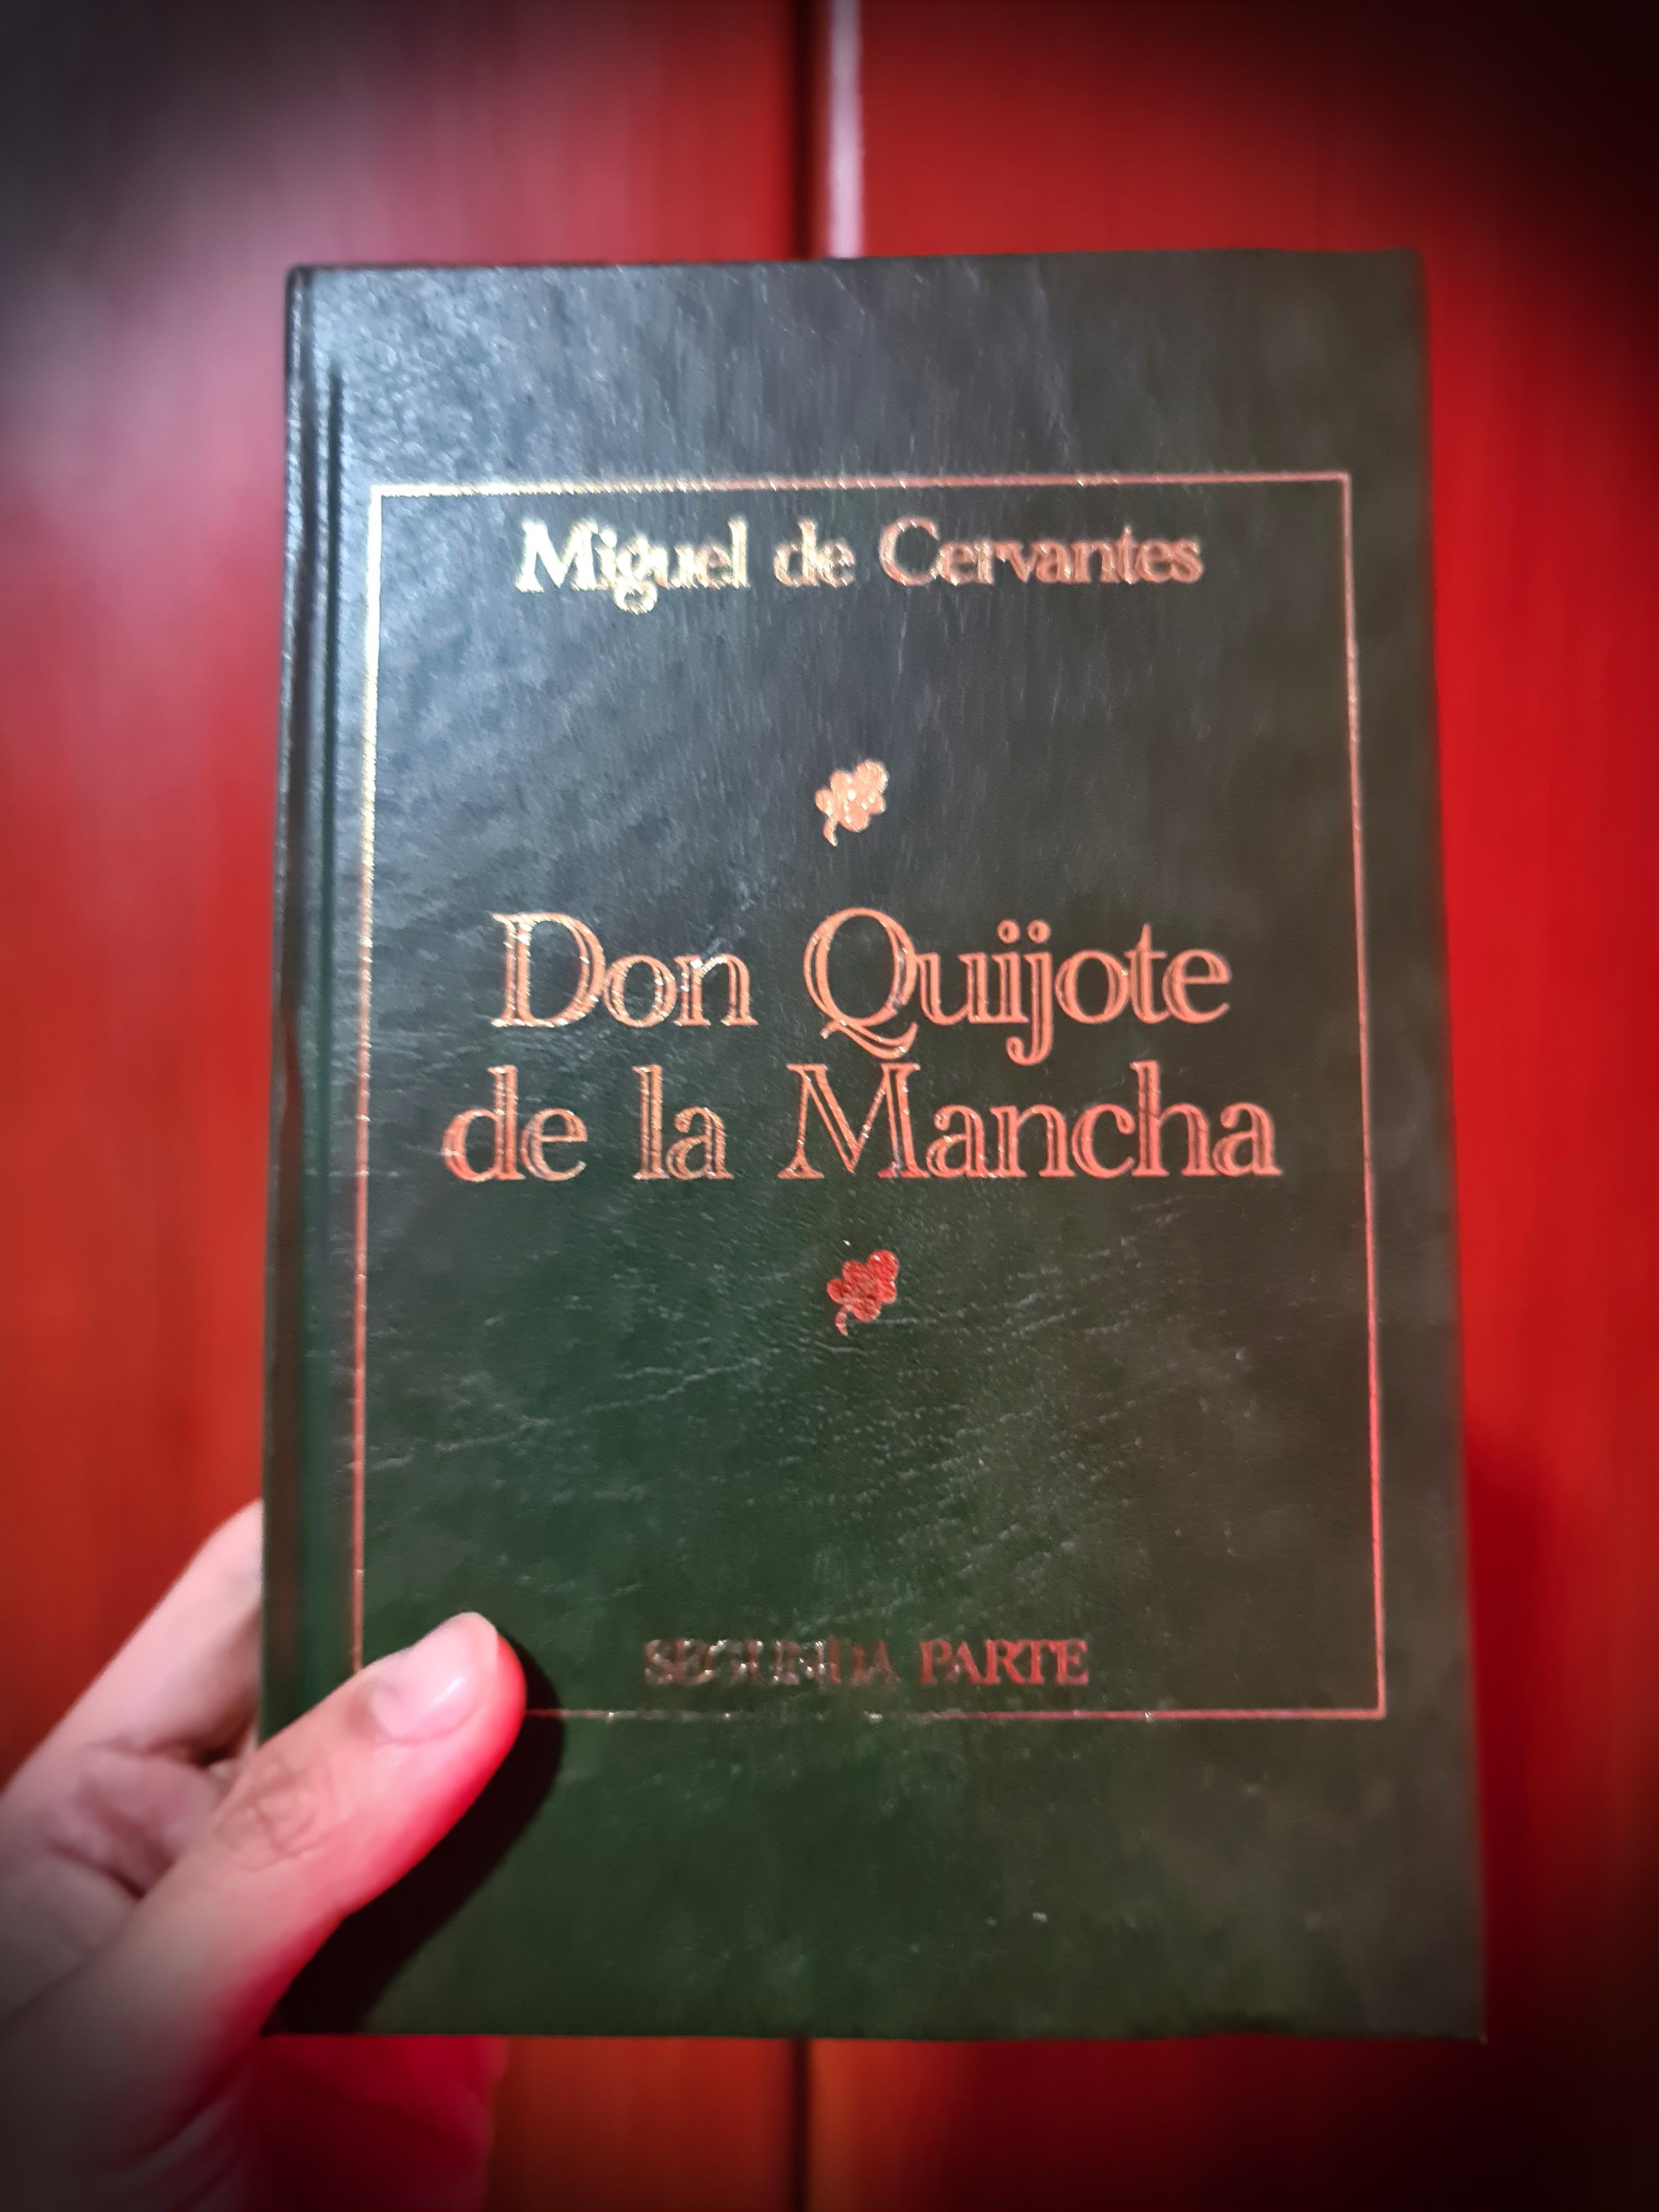 Don Quijote de la Mancha (2nd part/Spanish version) by Miguel de Cervantes